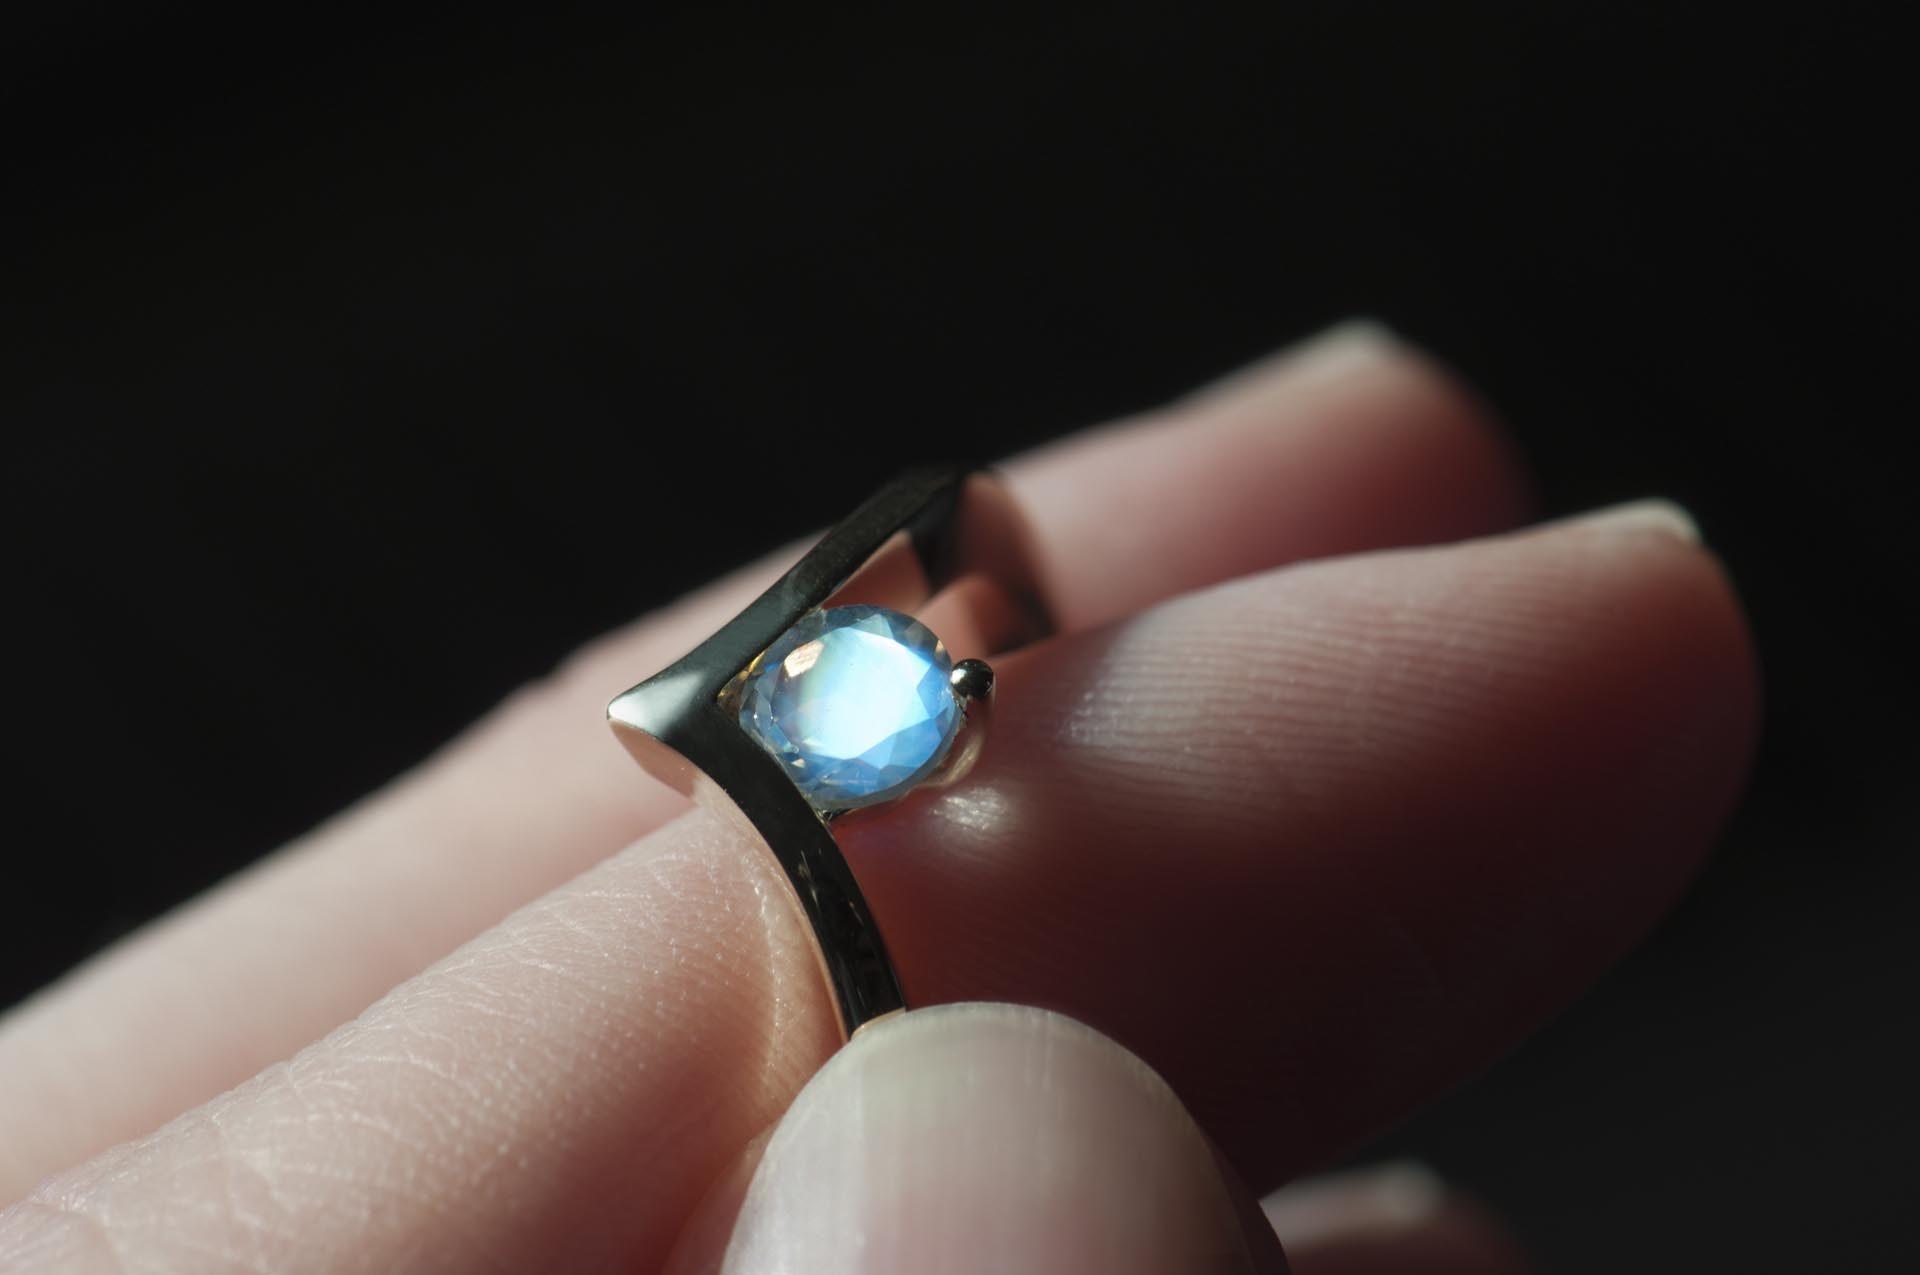 złoty pierścionek zkamieniem księżycowym